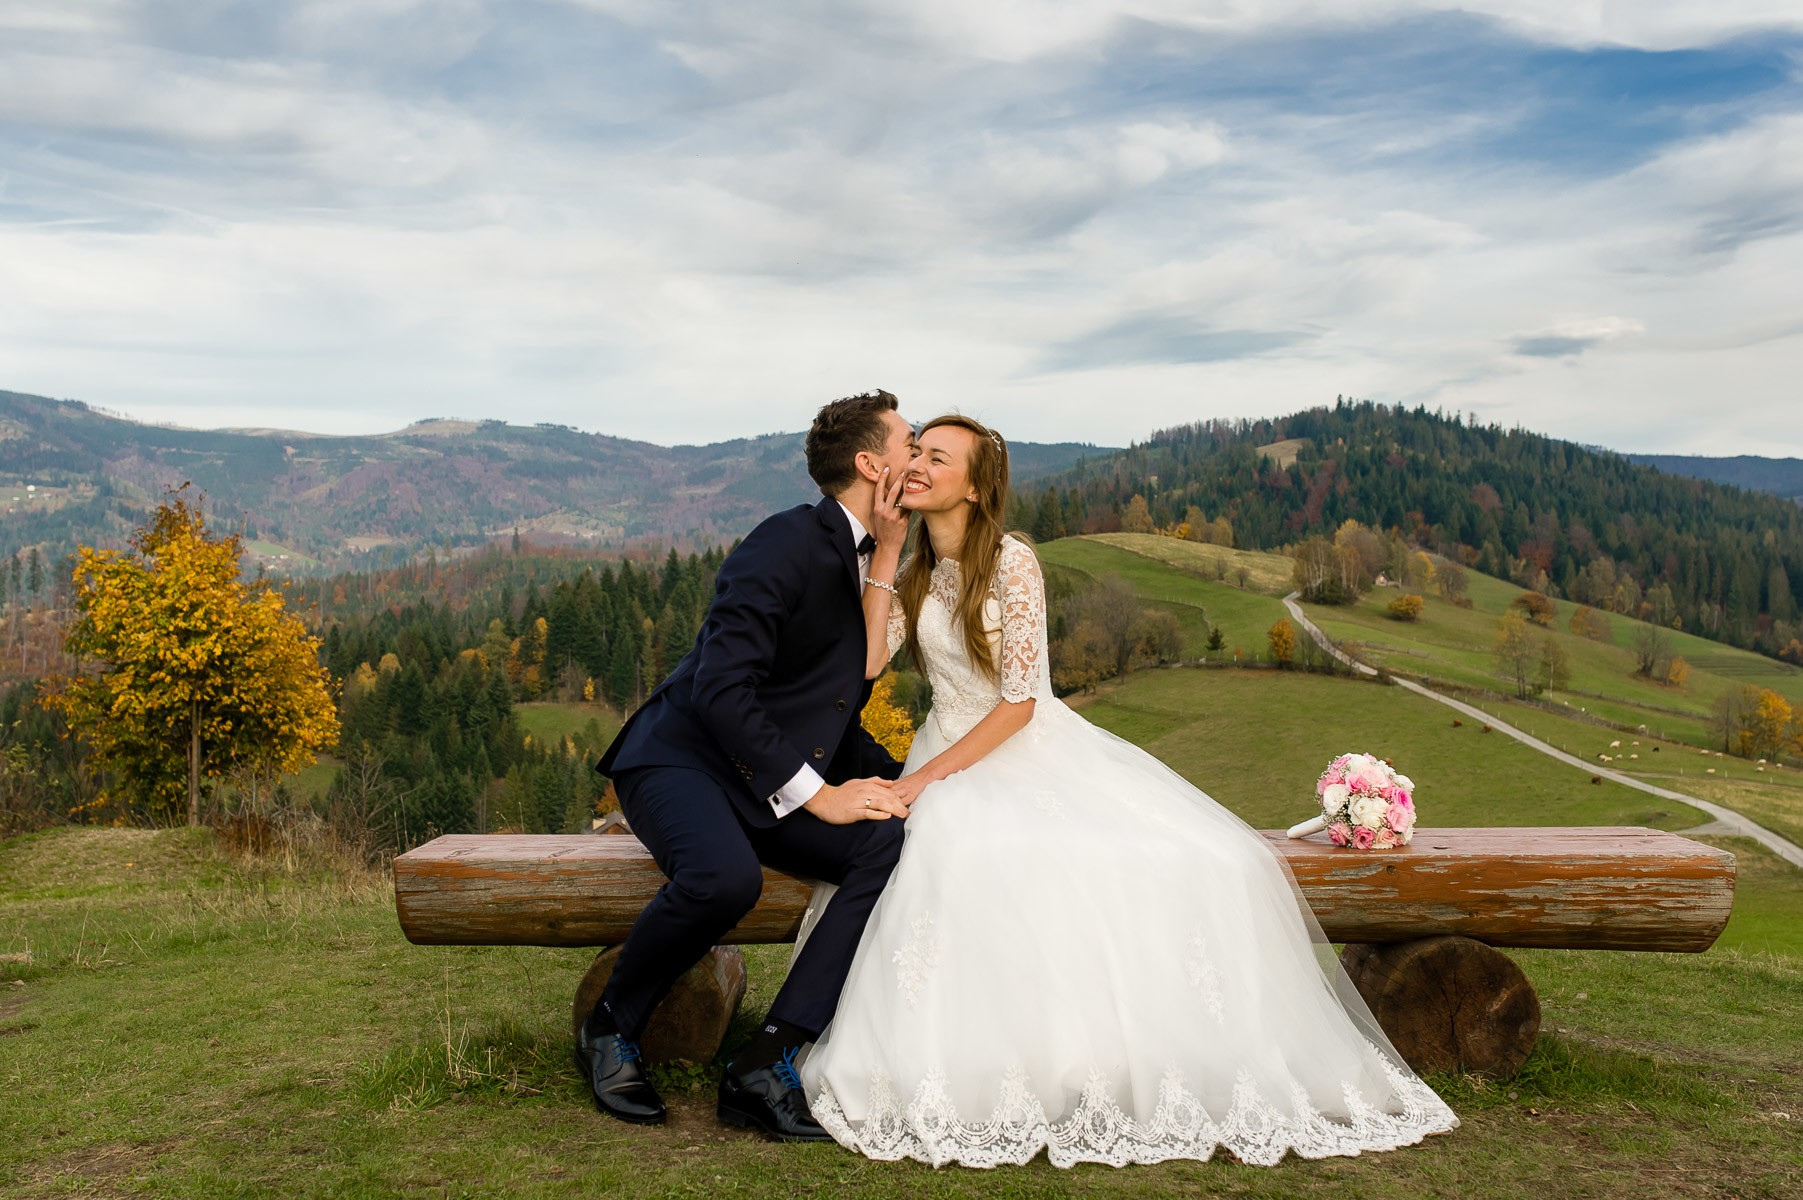 sala na skarpie fotograf slubny slask malopolska adam pietrusiak plener slubny w gorach jw wedding 181